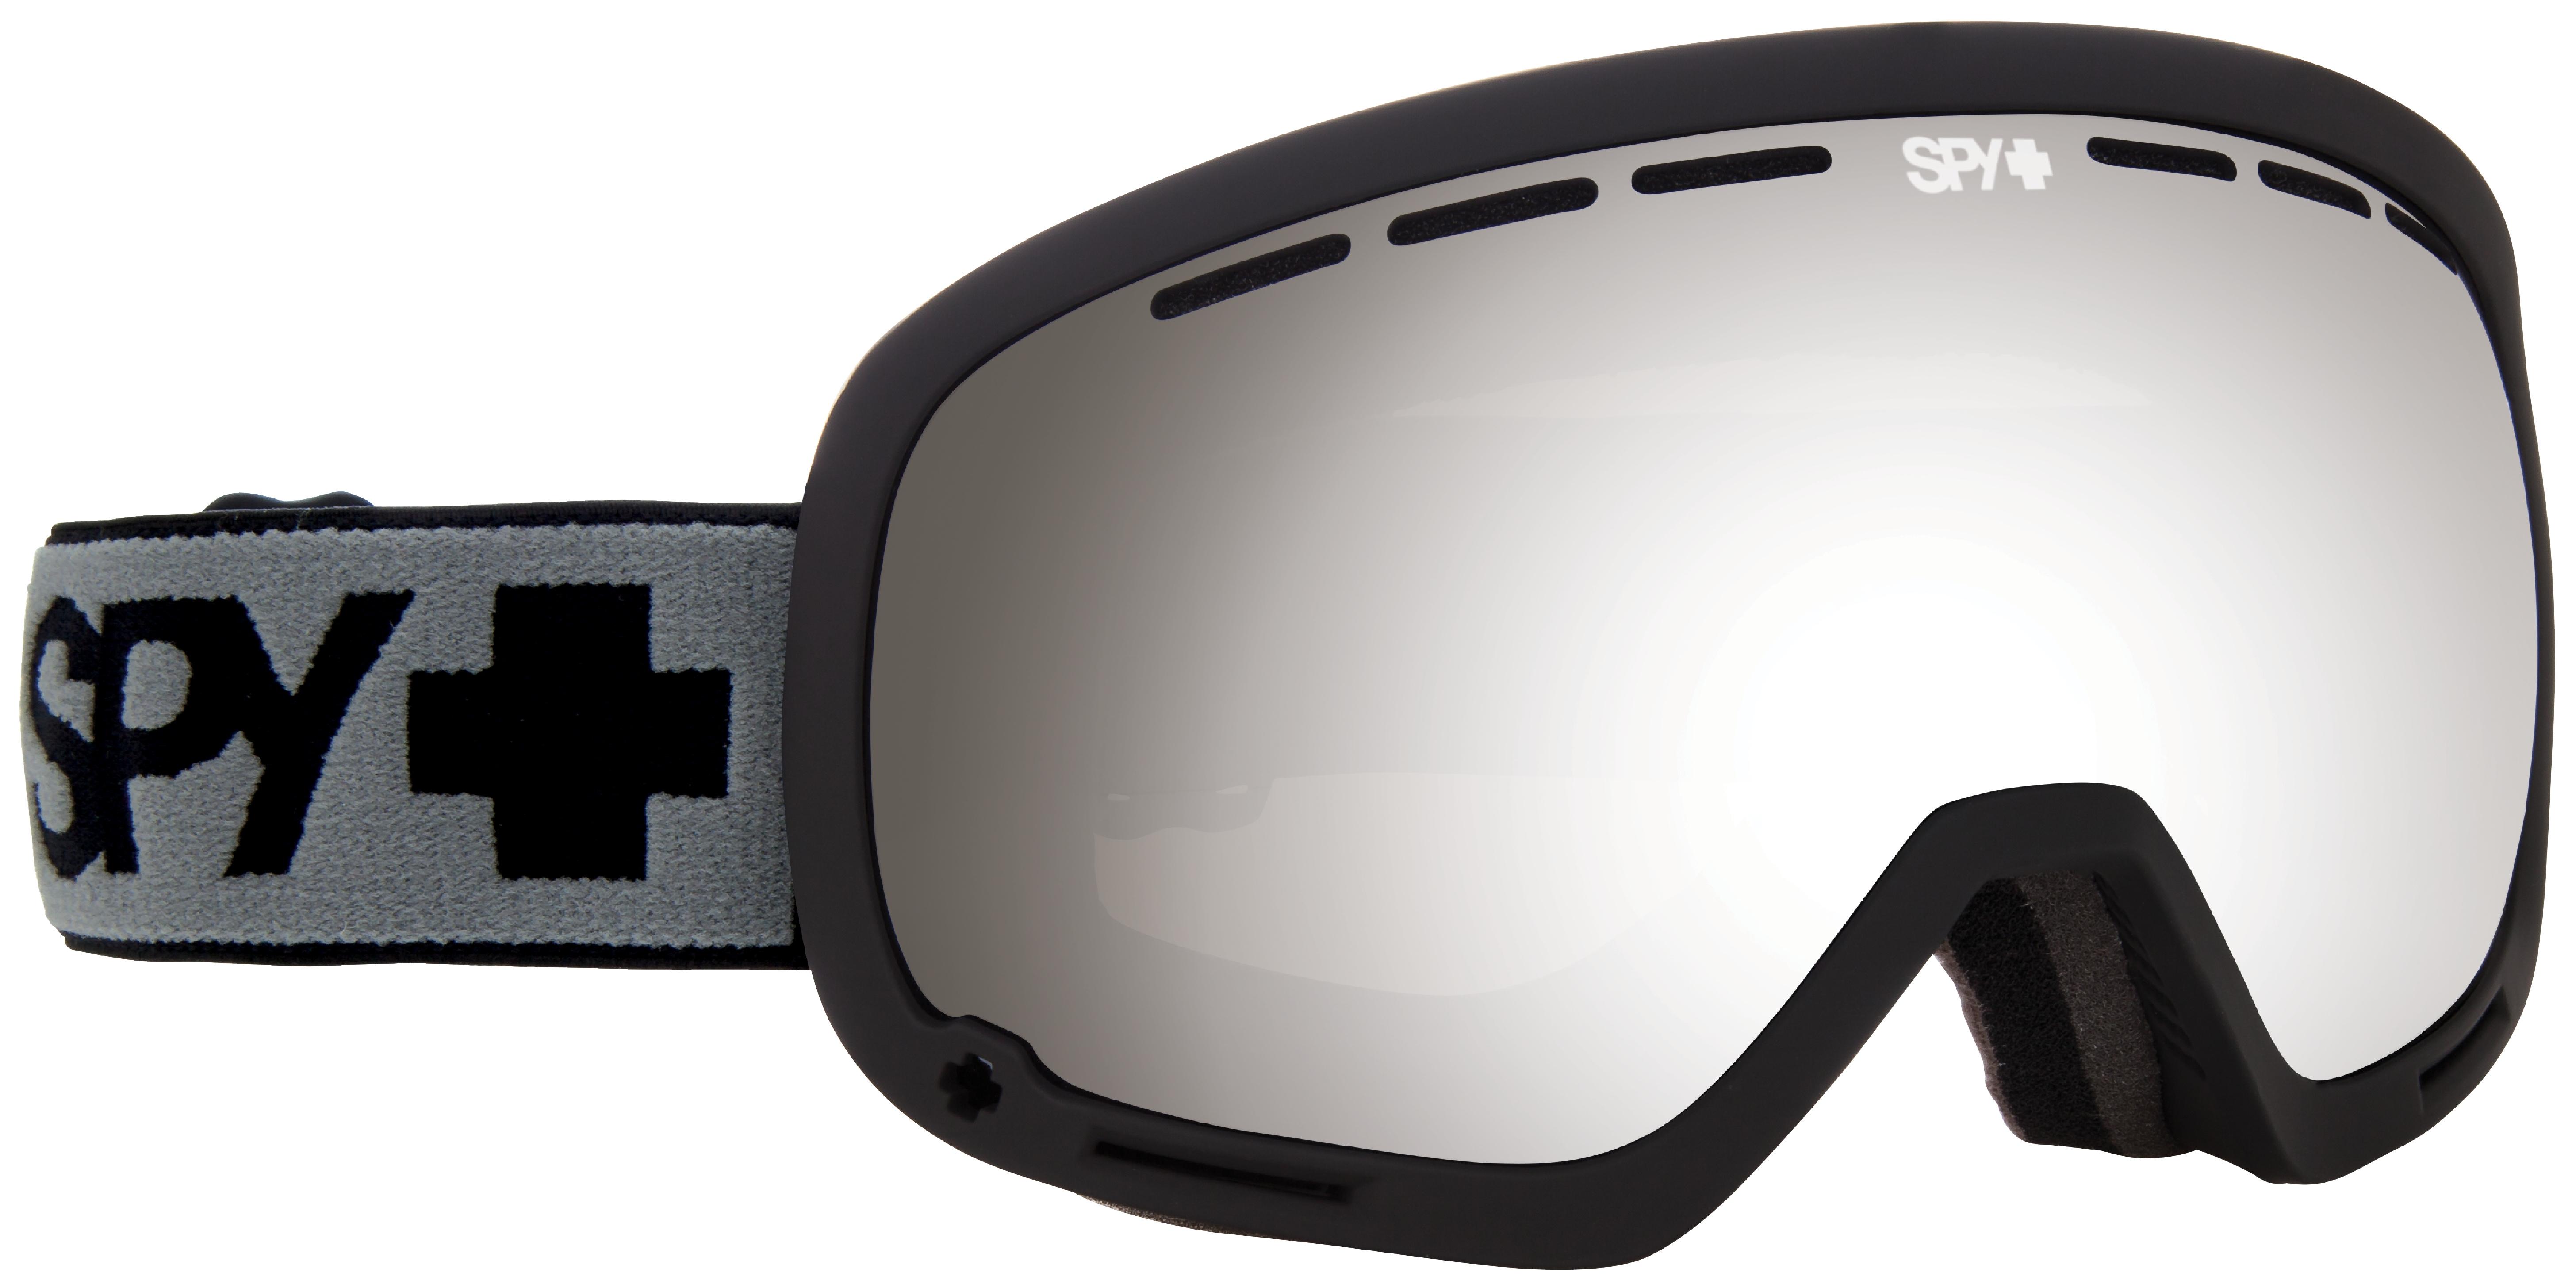 5d272e53c86 Spy Marshall Snow Goggles - Cycle Gear